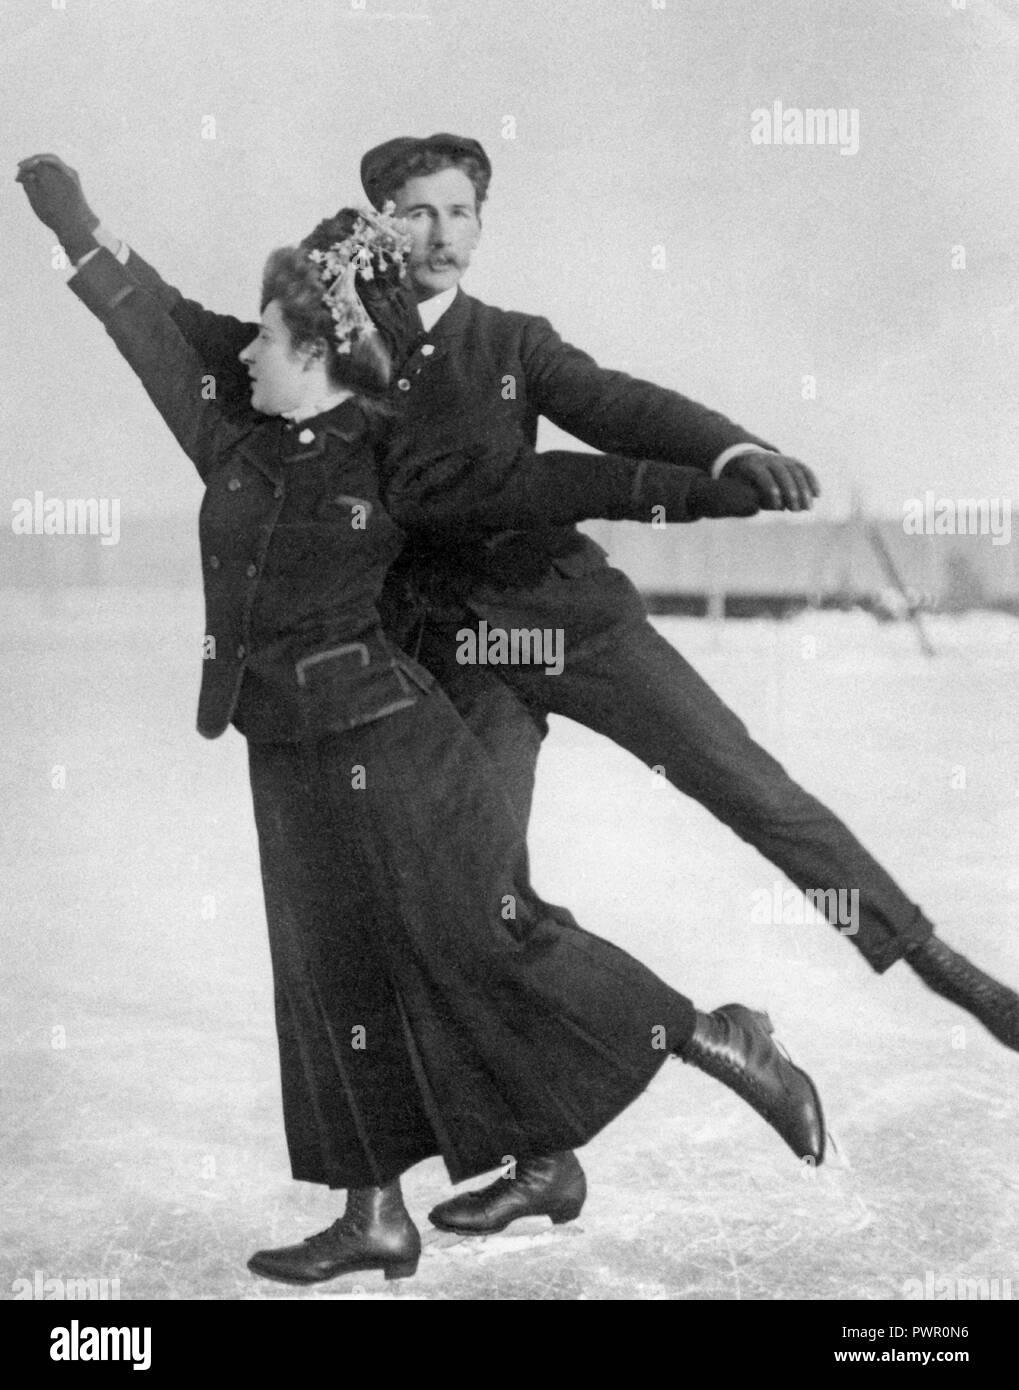 Eiskunstlauf um die Jahrhundertwende 1800-1900. Ein paar zusammen abgebildet beim Eislaufen im Freien. Stockbild